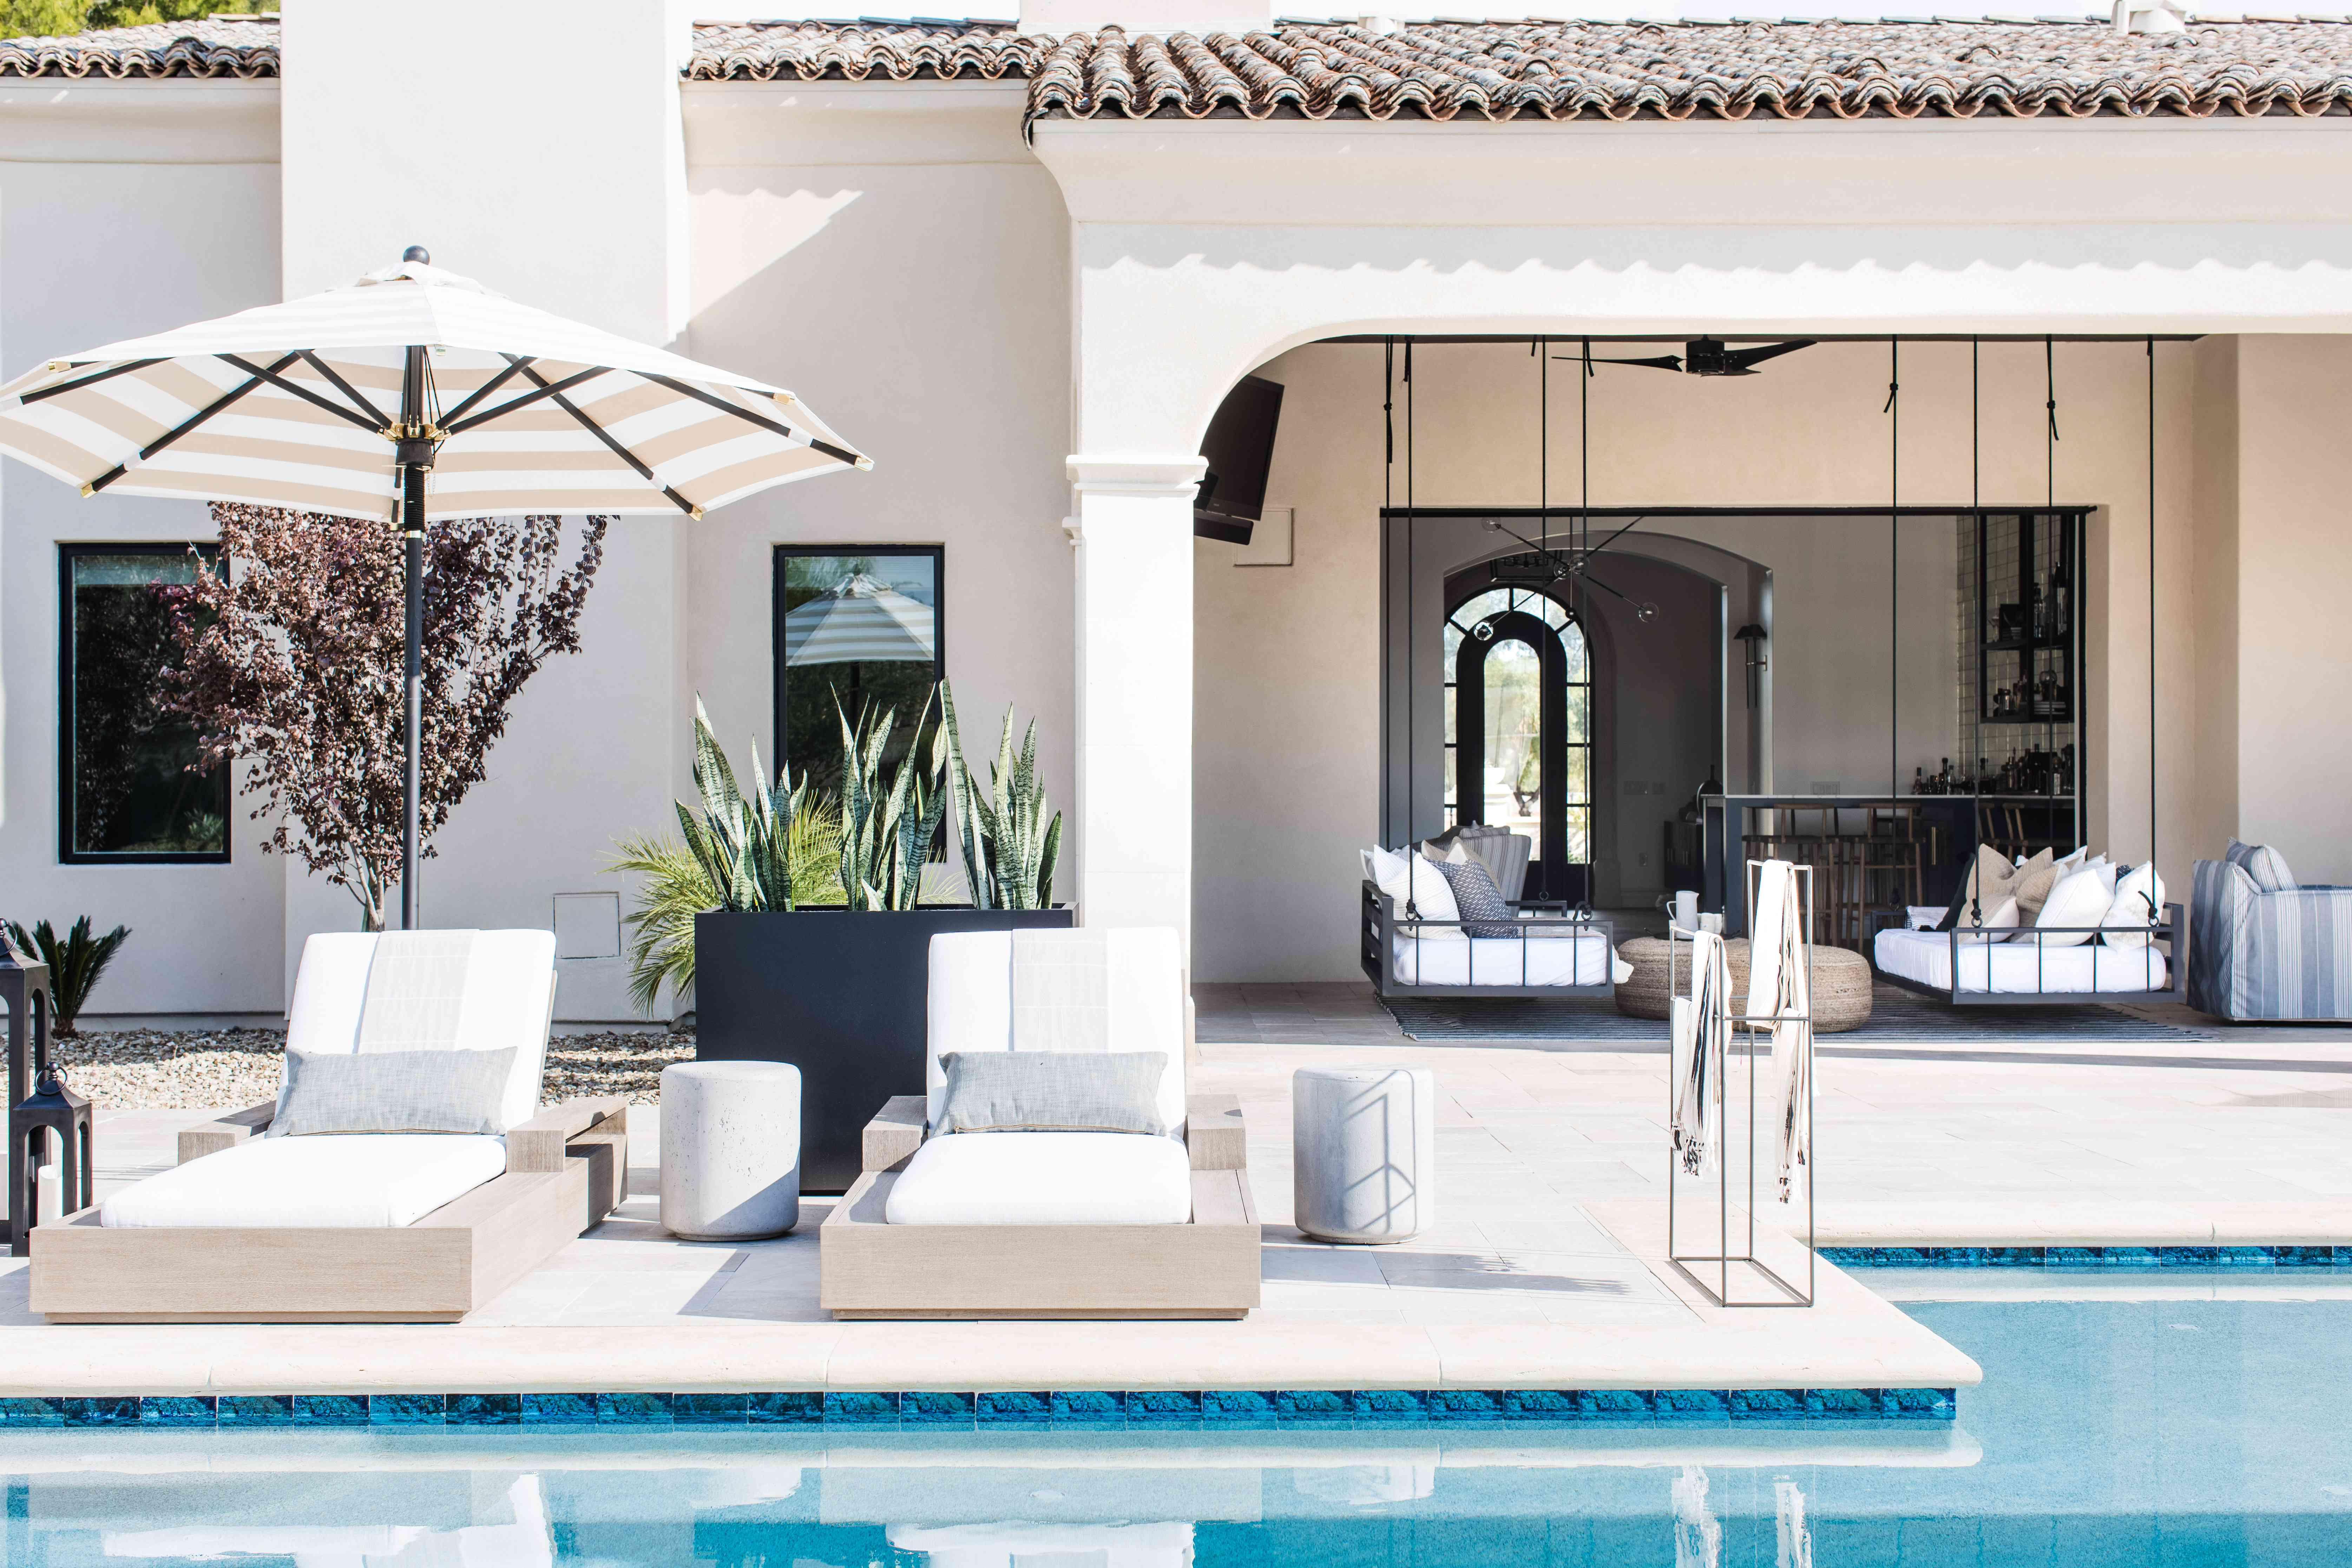 arizona home tour - pool